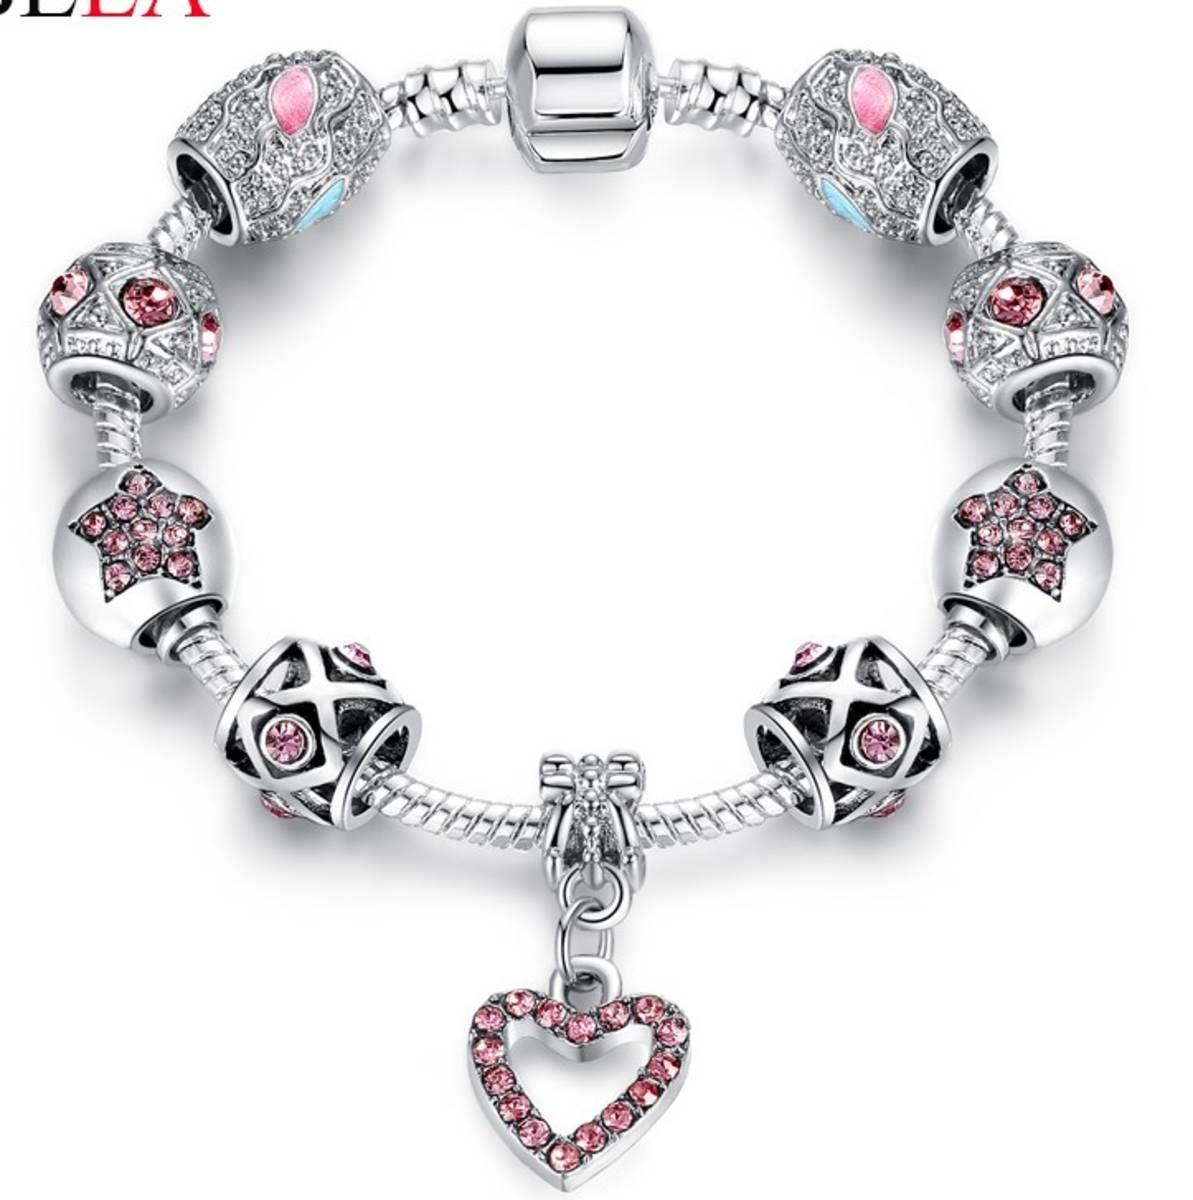 caf797db01f pulseira berloques vivara life banhado prata 925 - bijoux sem marca ...